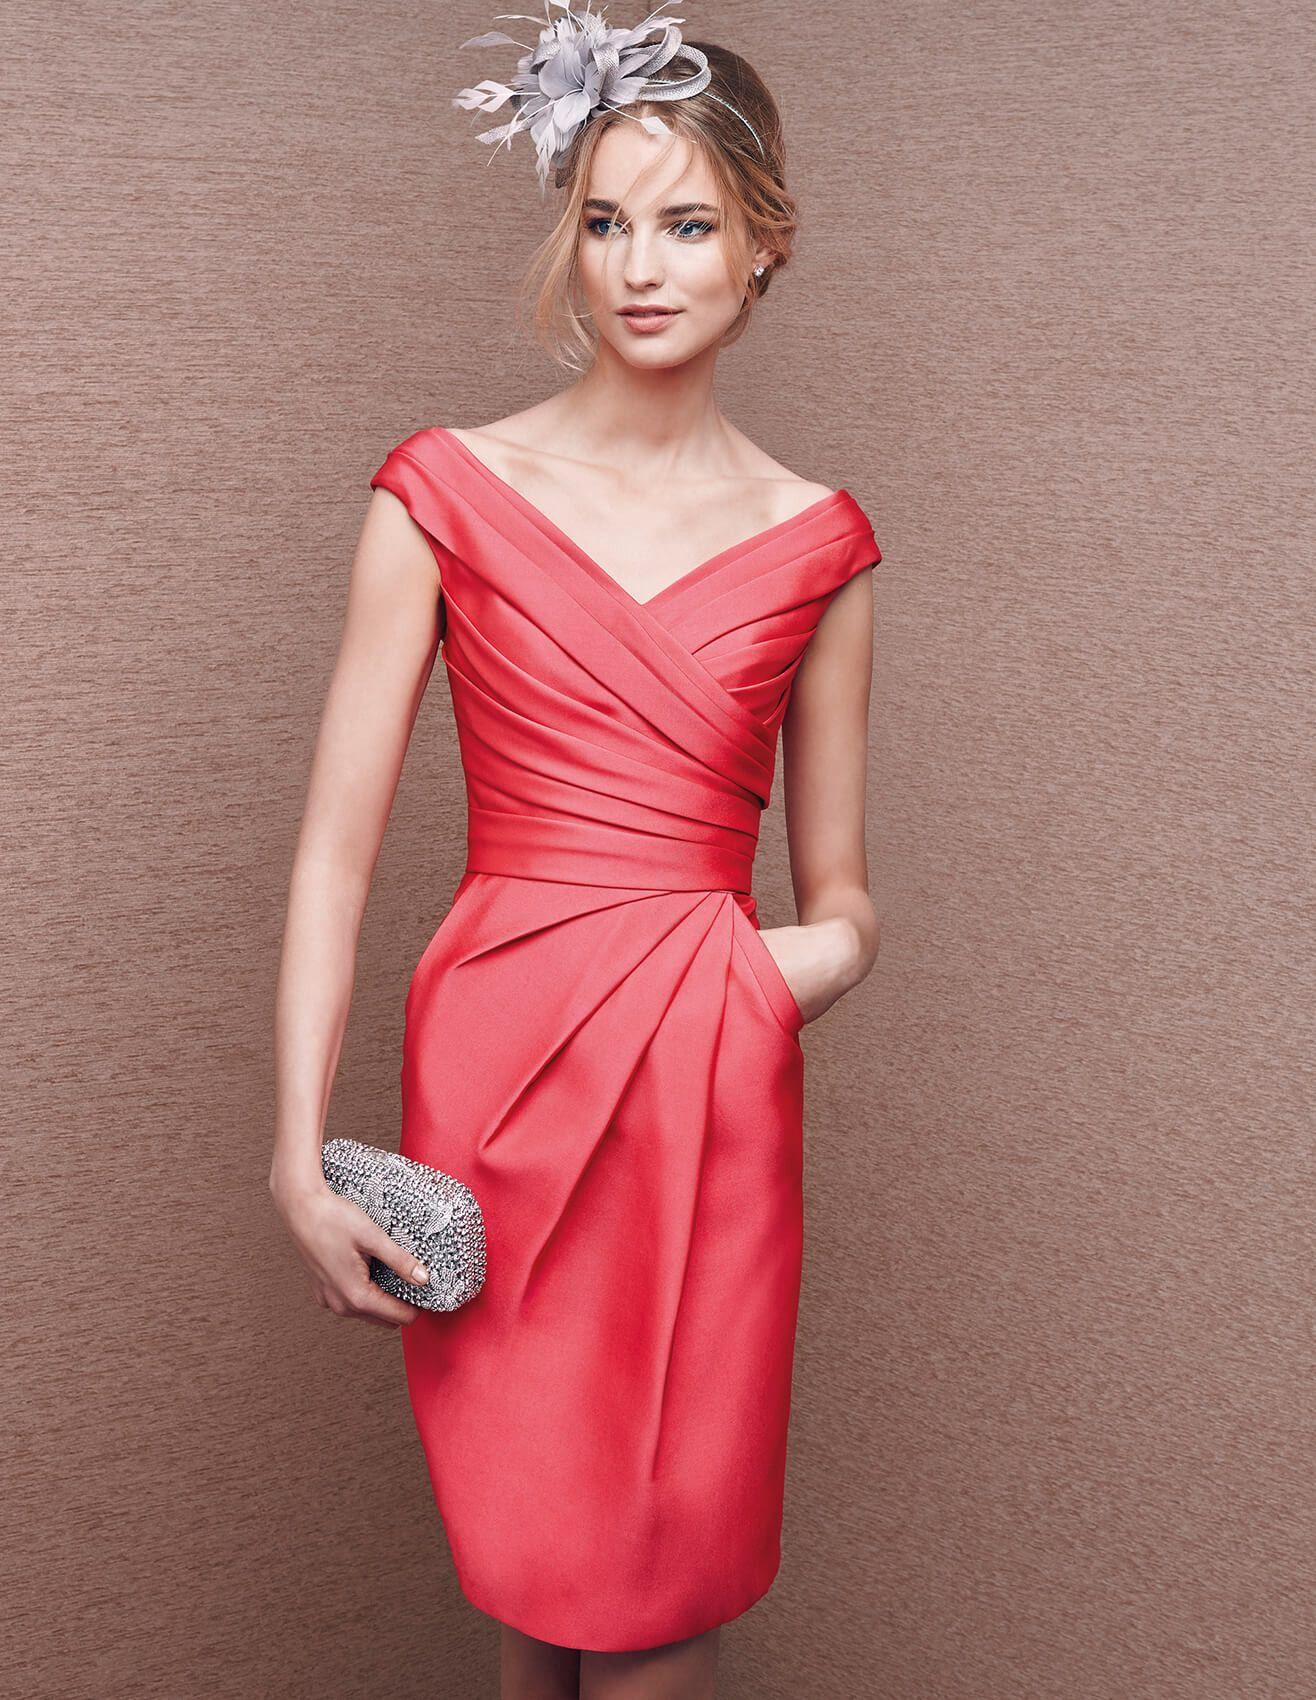 Abito di colore rosso, in mikado | vestidos fiesta | Pinterest ...